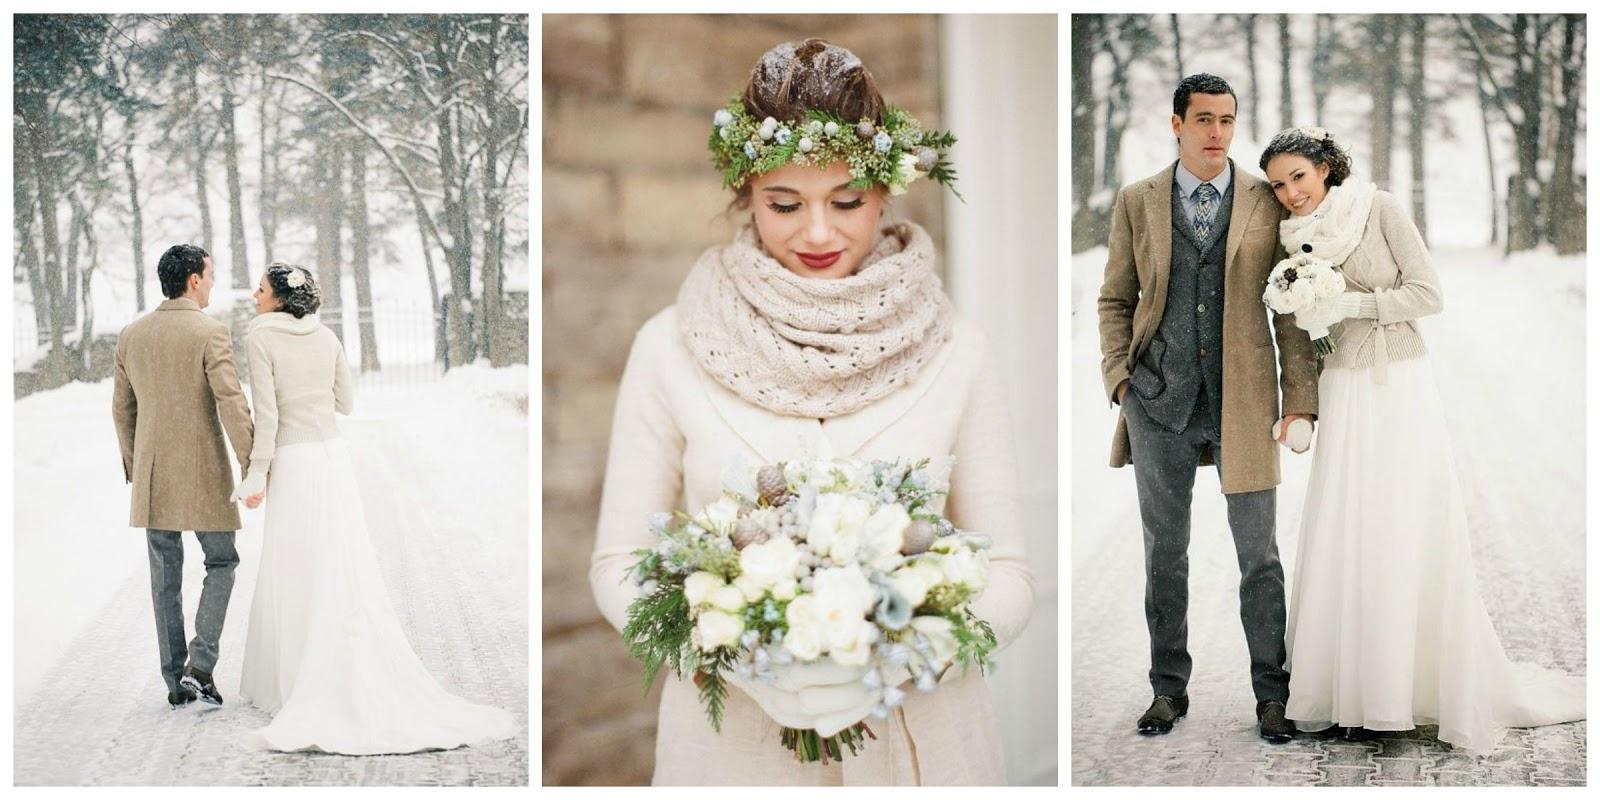 Zimowy ślub Okrycia Wierzchnie Dla Panny Młodej